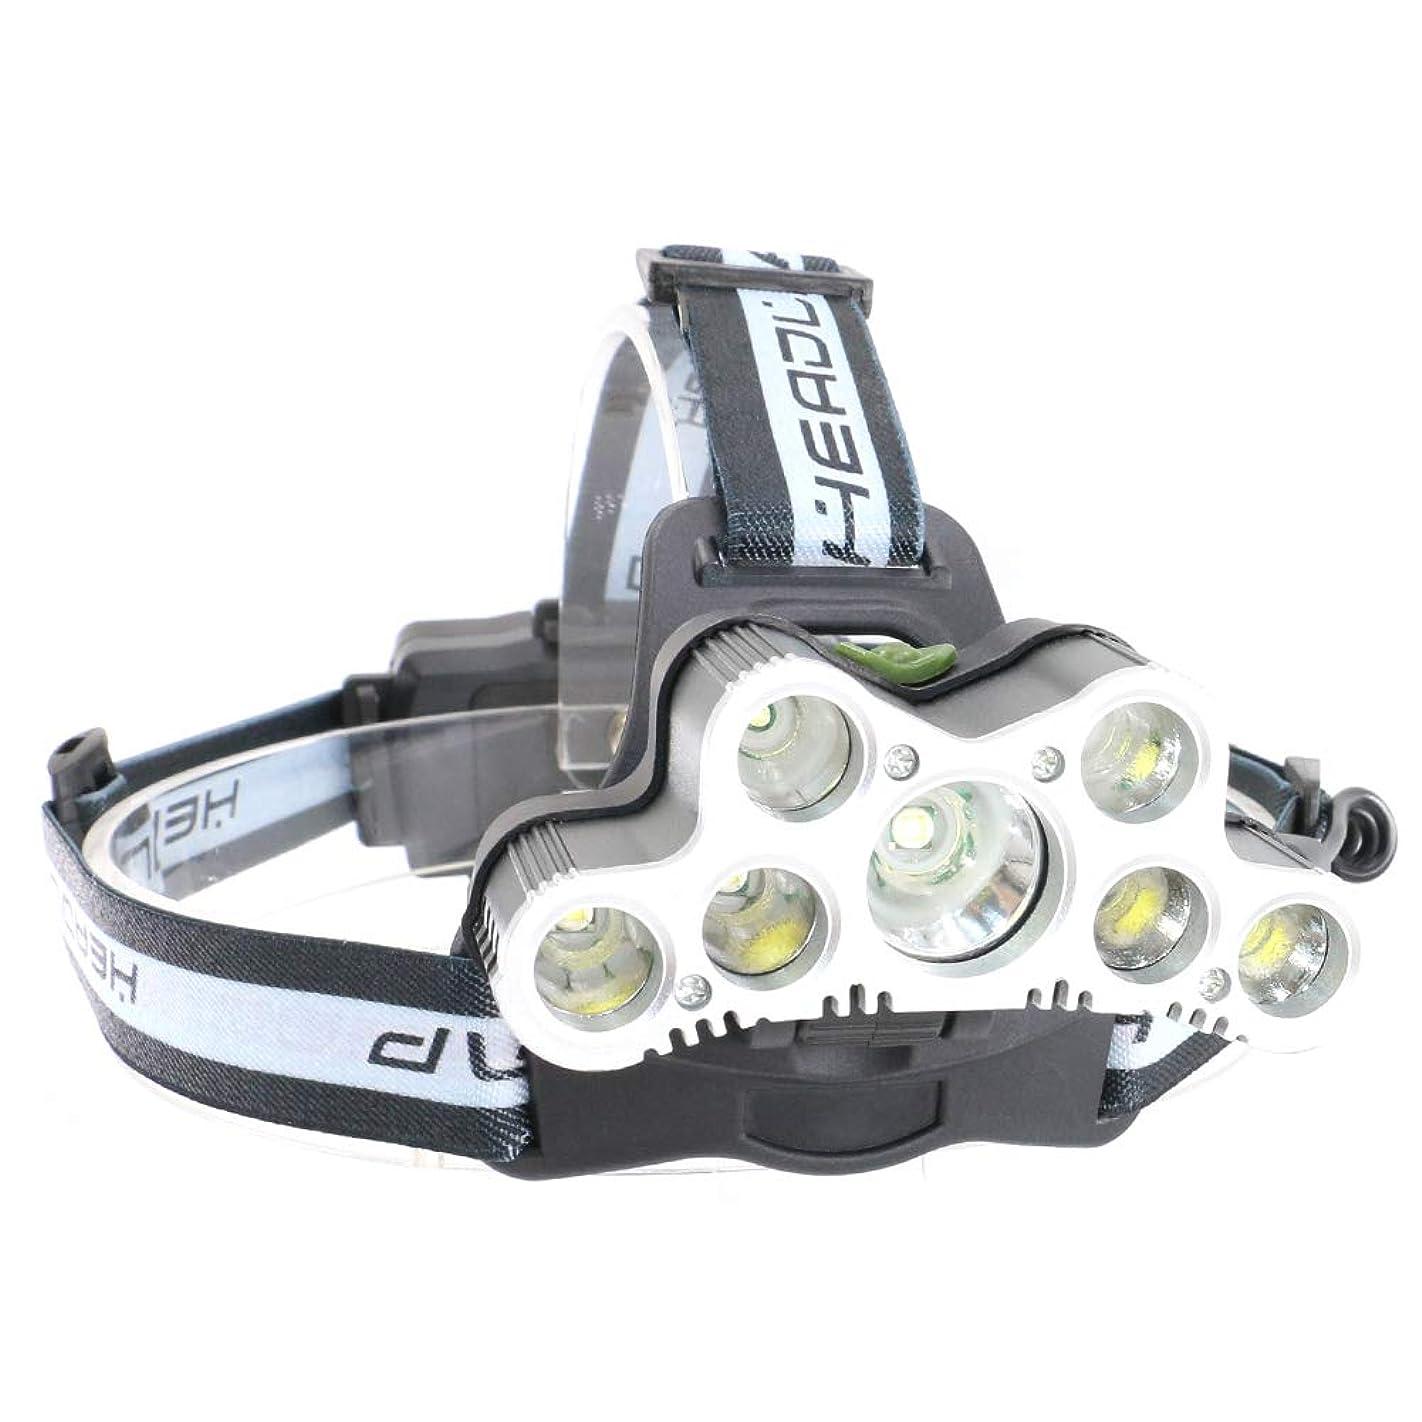 晴れ報告書建設Ameelie LED ヘッドライト 超高輝度 防水 充電式 led ヘッドランプ 7灯式 6つの照明モード 角度調整可 9000ルーメン SOS機能 登山 夜釣り アウトドア作業?